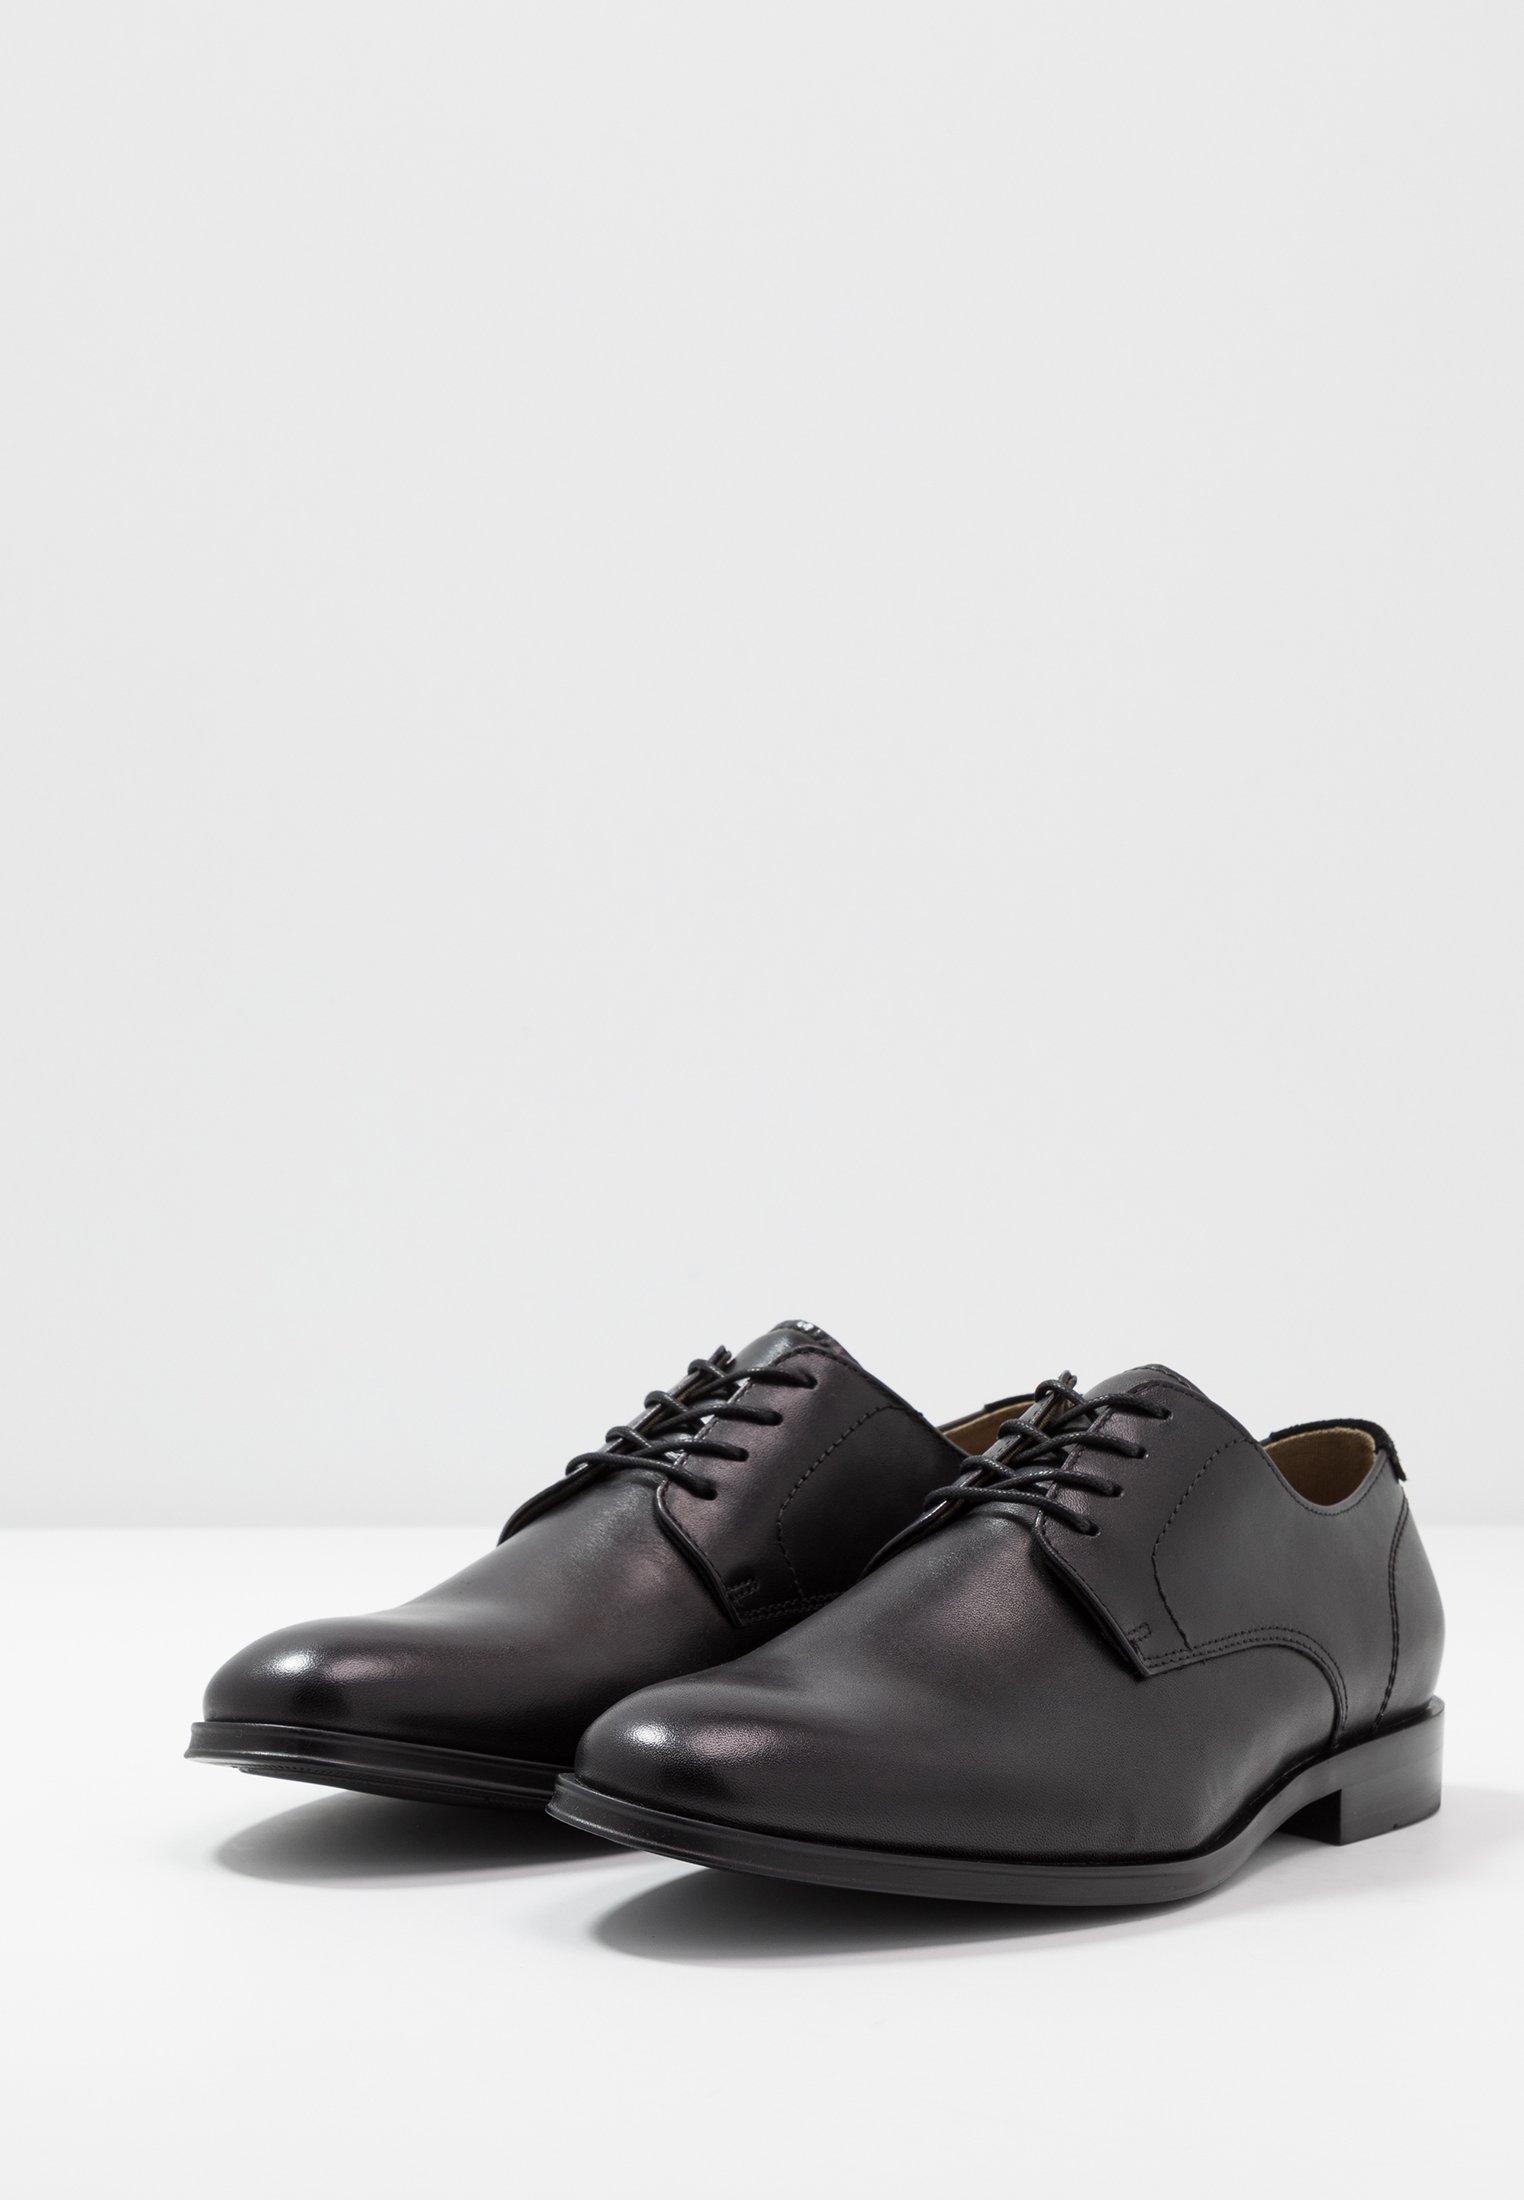 ALDO RICMANN - Eleganta snörskor - black/svart - Herrskor CzC8F